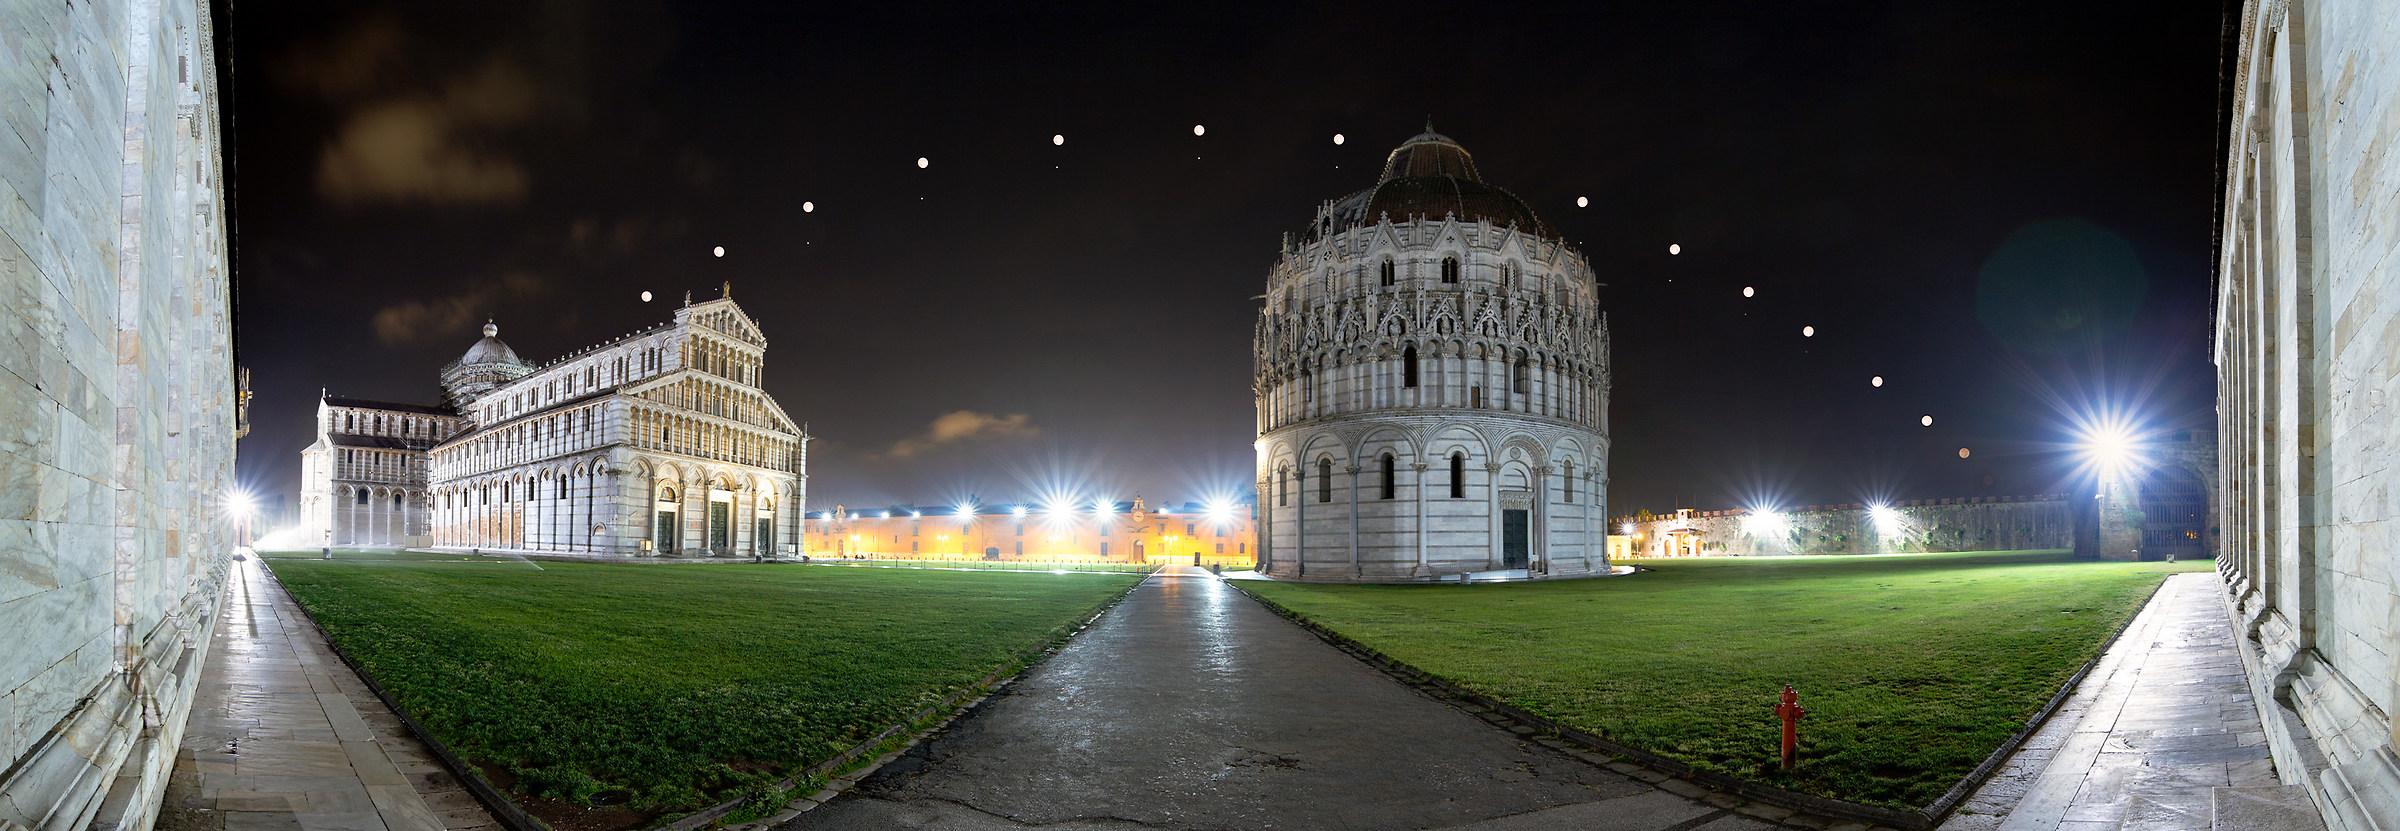 Luna e Saturno su Piazza dei Miracoli...